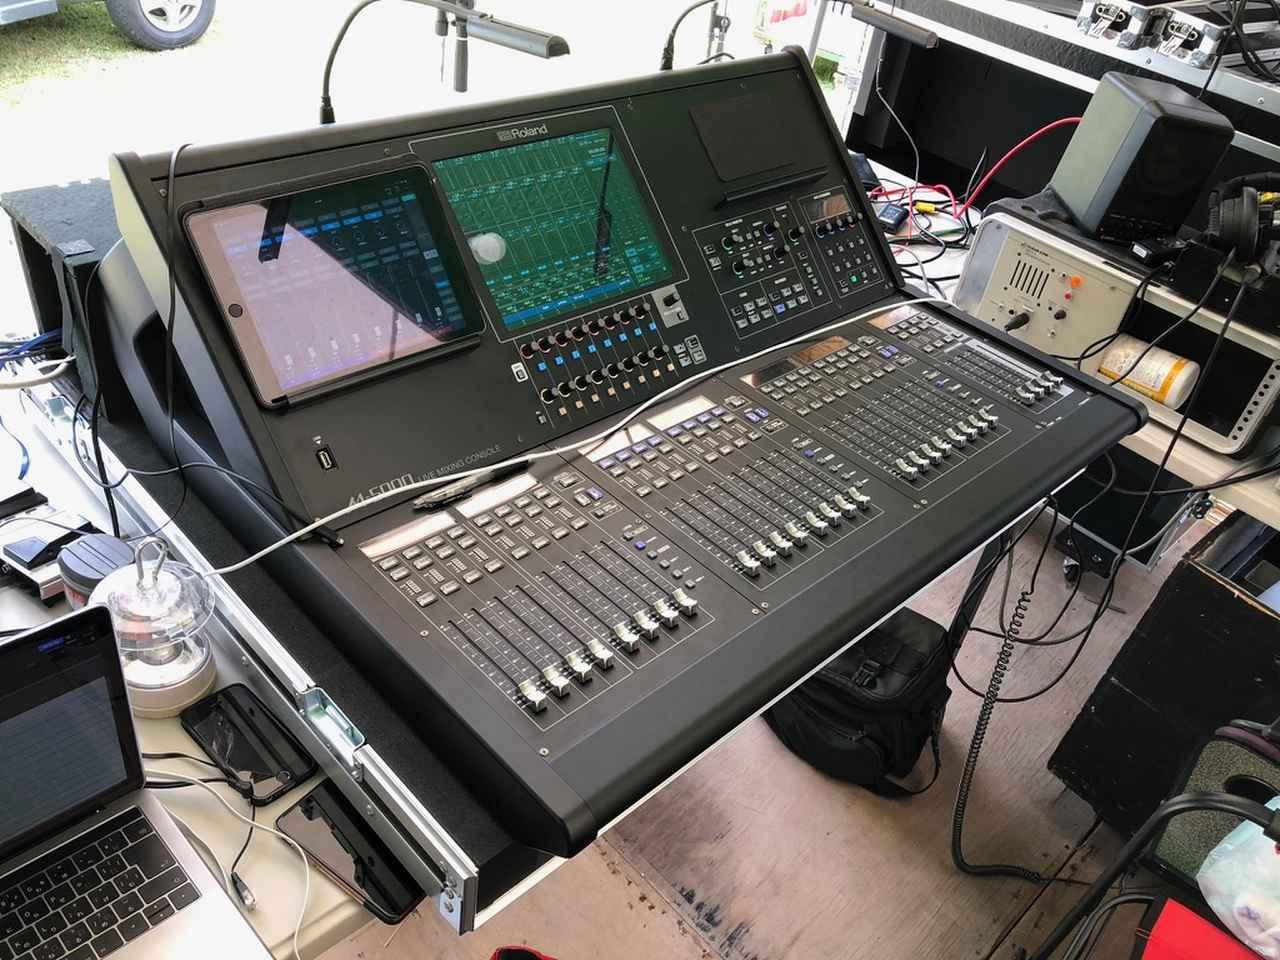 画像: 「エスアールファクトリー」が導入した「ローランド O・H・R・C・A M-5000」。今回の取材では、同社がPAを手がけるイベント『グッドネイバーズ・ジャンボリー』の会場でお話を訊かせていただいた